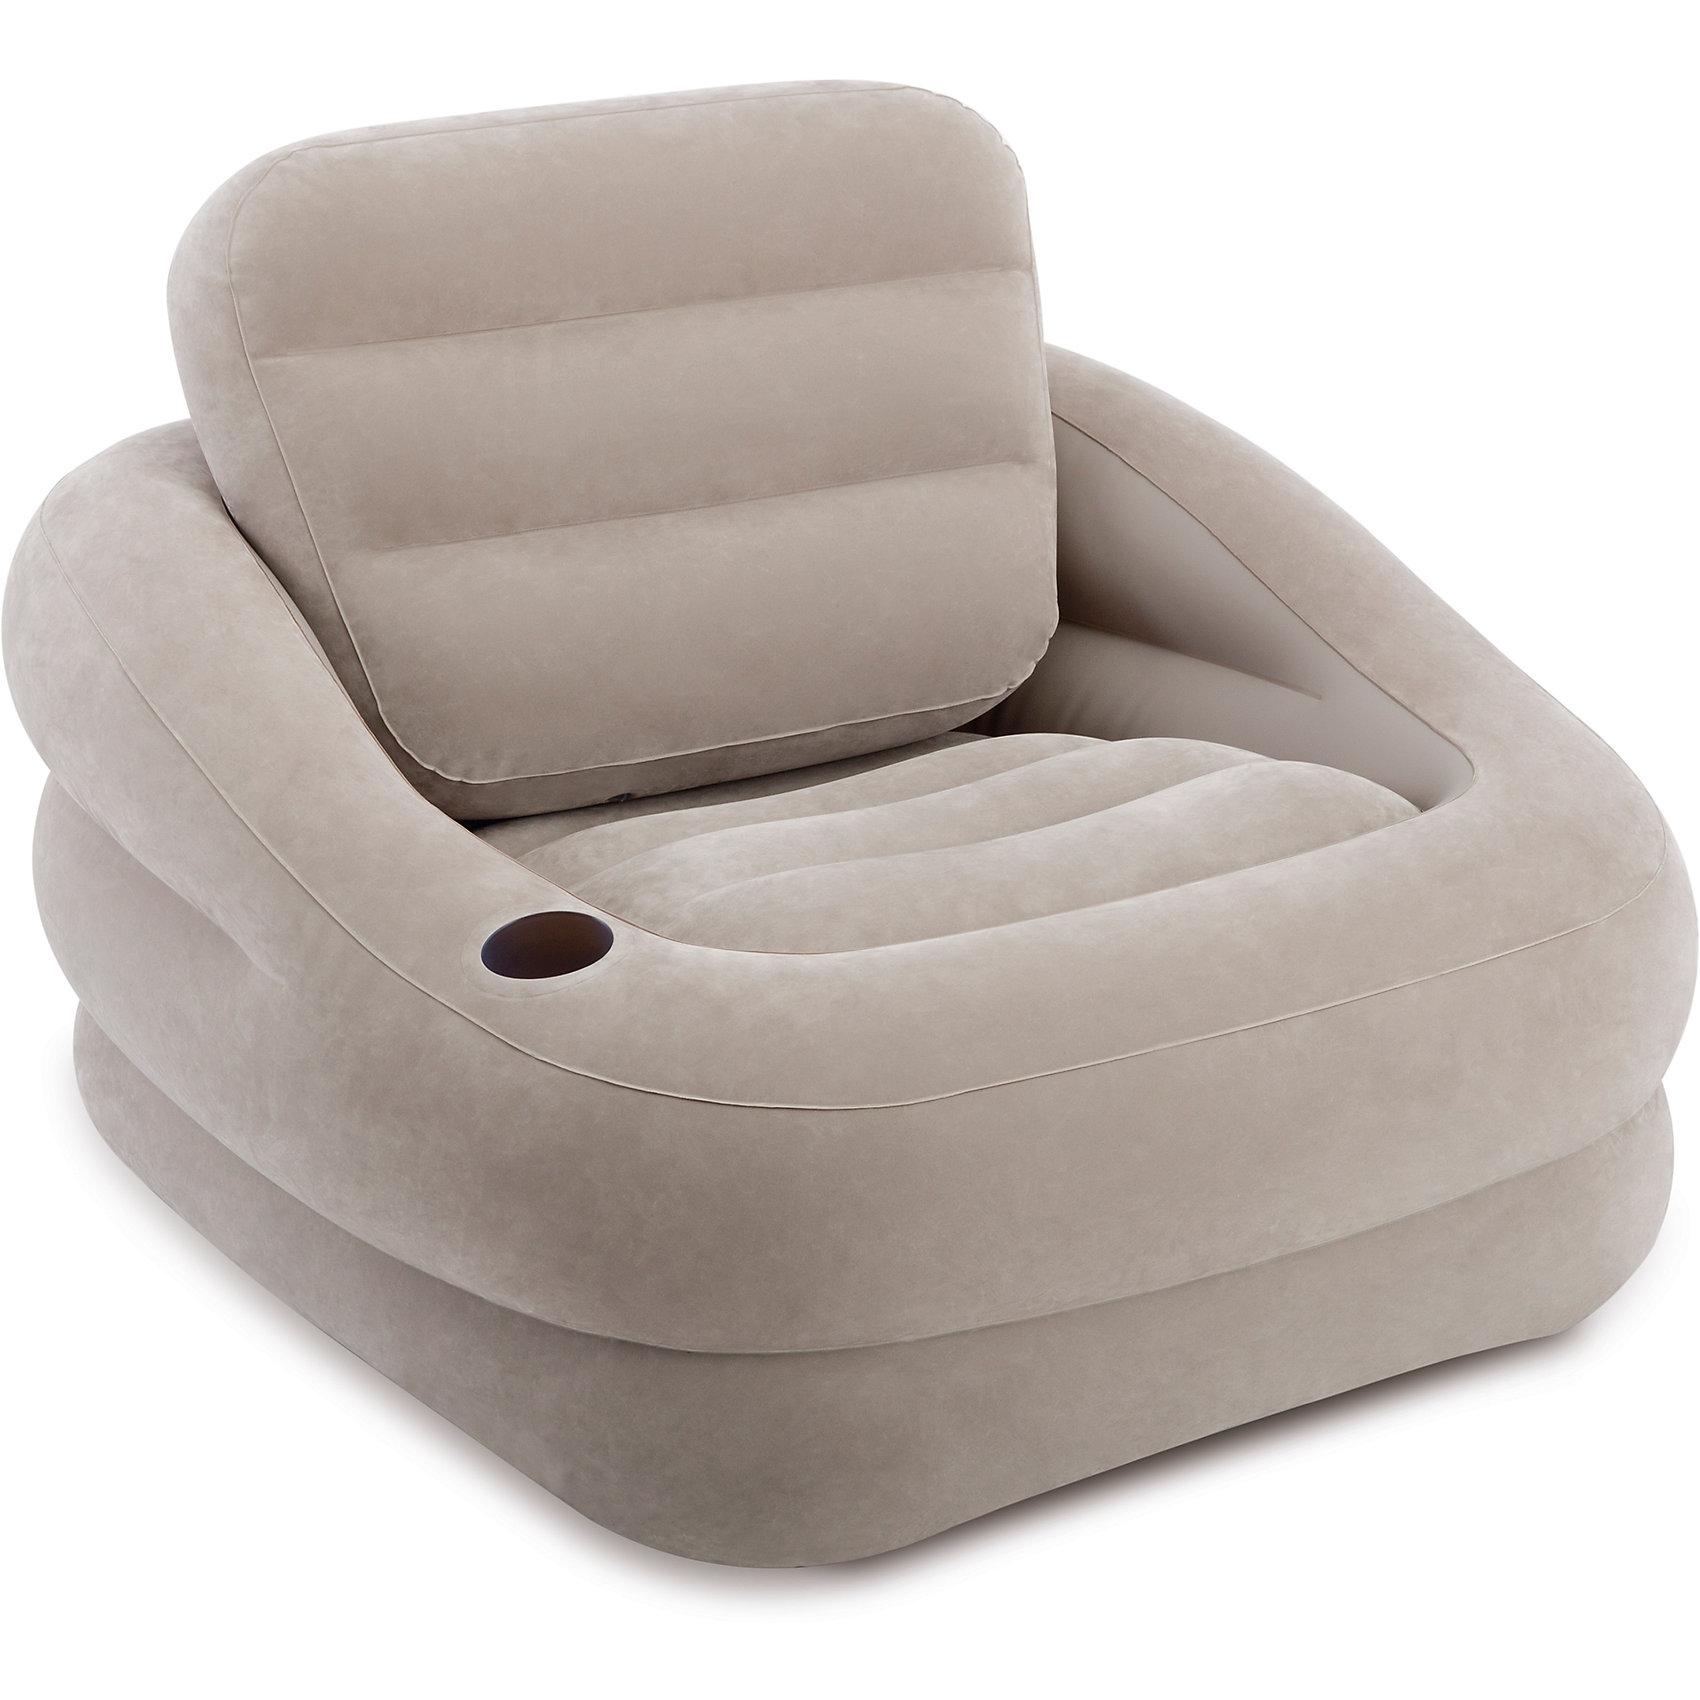 Надувное кресло Акцент 97х107х71см, Intex, серыйМатрасы и лодки<br>Надувное кресло Intex 68587 сможет помочь вам организовать посиделки или просто приятный вечер в кругу семьи. Удобное, скромное по размерам и с приятным велюровым материалом, оно с удовольствием примет вас и ваших гостей. А когда мероприятие закончится, его можно сдуть и уложить в любое удобное место для хранения до следующей вечеринки.<br><br>Ширина мм: 410<br>Глубина мм: 360<br>Высота мм: 135<br>Вес г: 3573<br>Возраст от месяцев: 36<br>Возраст до месяцев: 1188<br>Пол: Унисекс<br>Возраст: Детский<br>SKU: 5630562